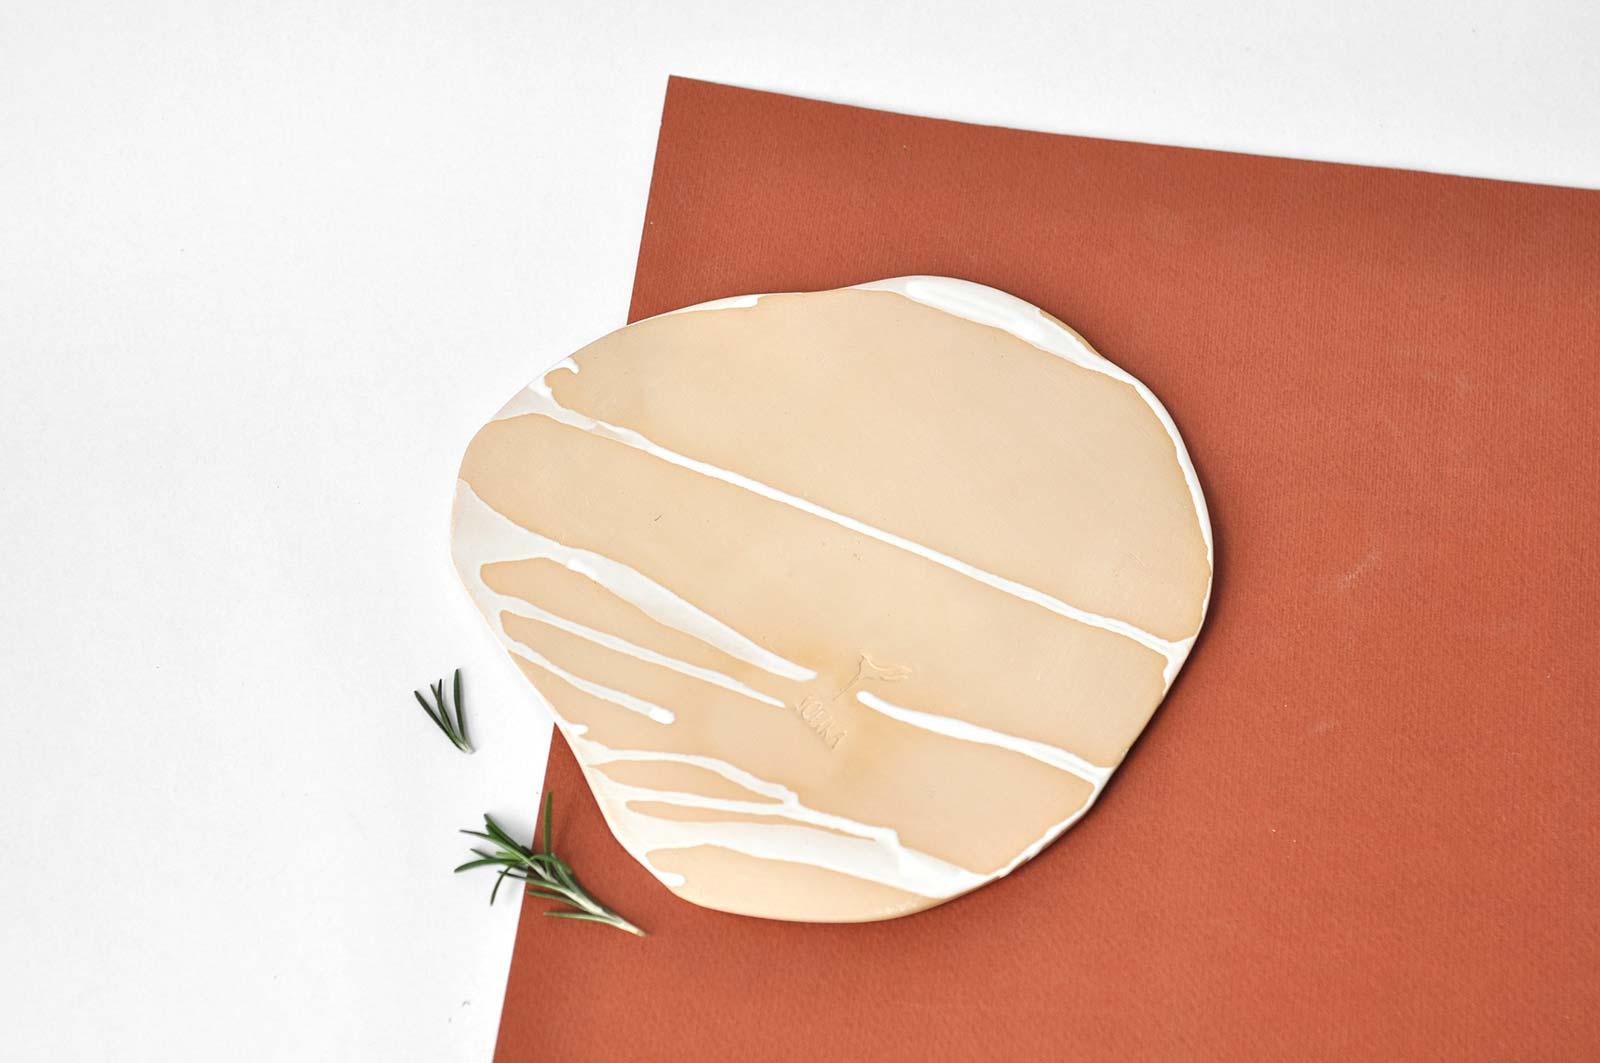 Вид сзади - Декоративная керамическая тарелка (Ручная работа)